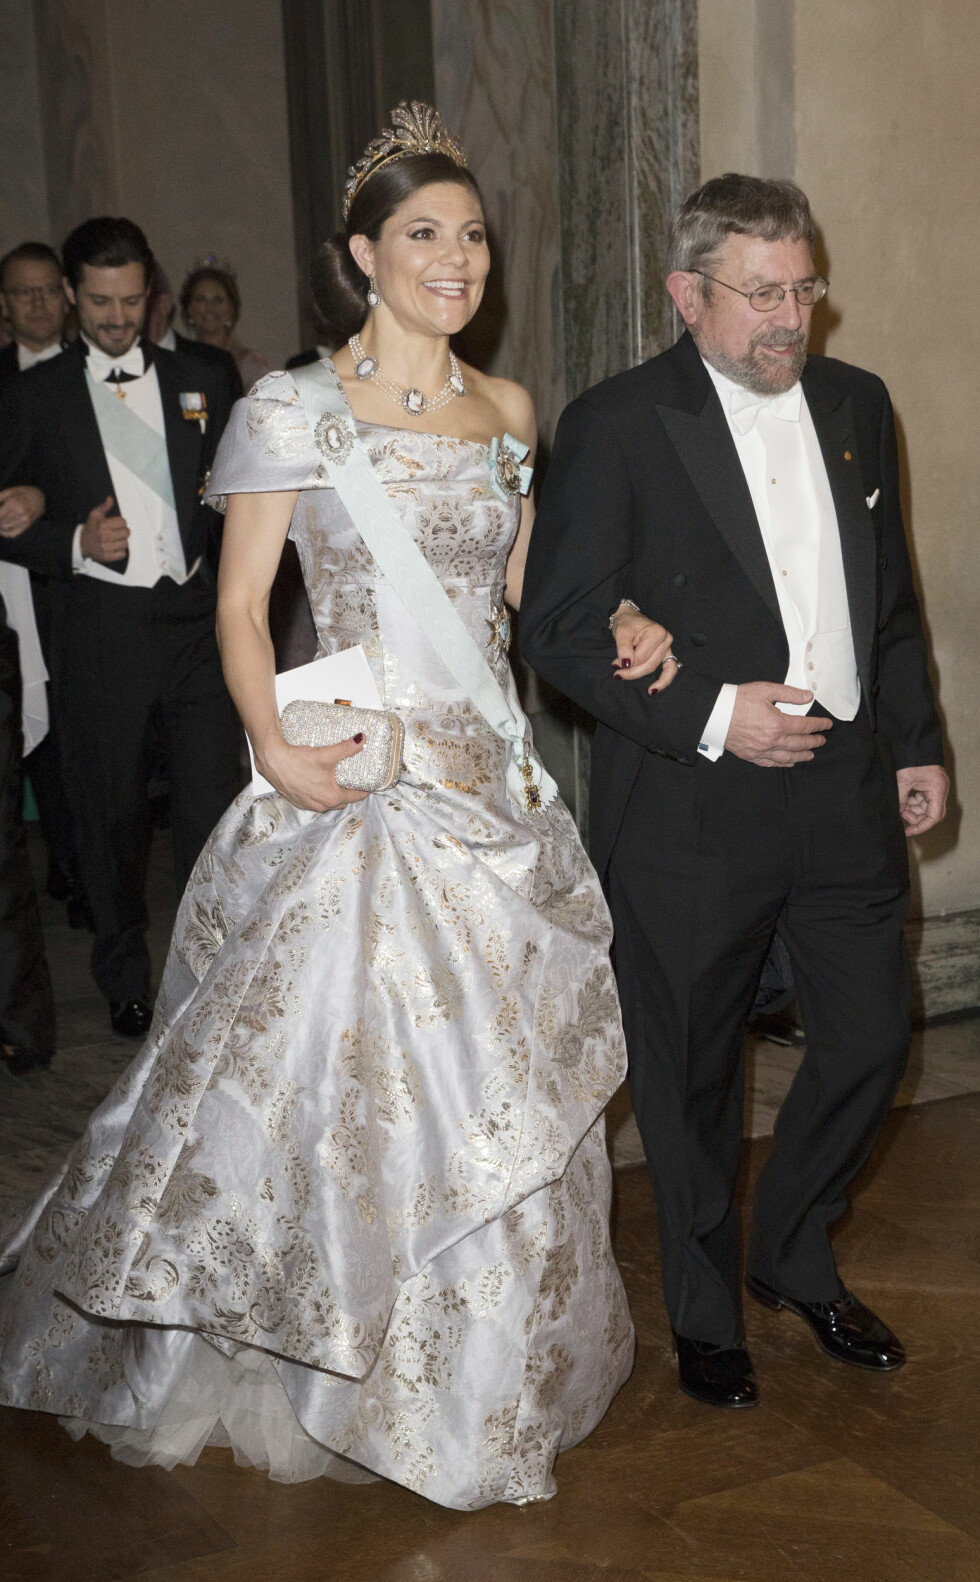 BILLIG LUKSUS: Kronprinsesse Victoria var ikledd en spesialdesignet kjole fra svenske Hennes & Mauritz under Nobelbanketten i Stockholms stadshus i desember. Her med J. Michael Kosterlitz, som ble tildelt nobelprisen i fysikk i 2016. Foto: NTB Scanpix